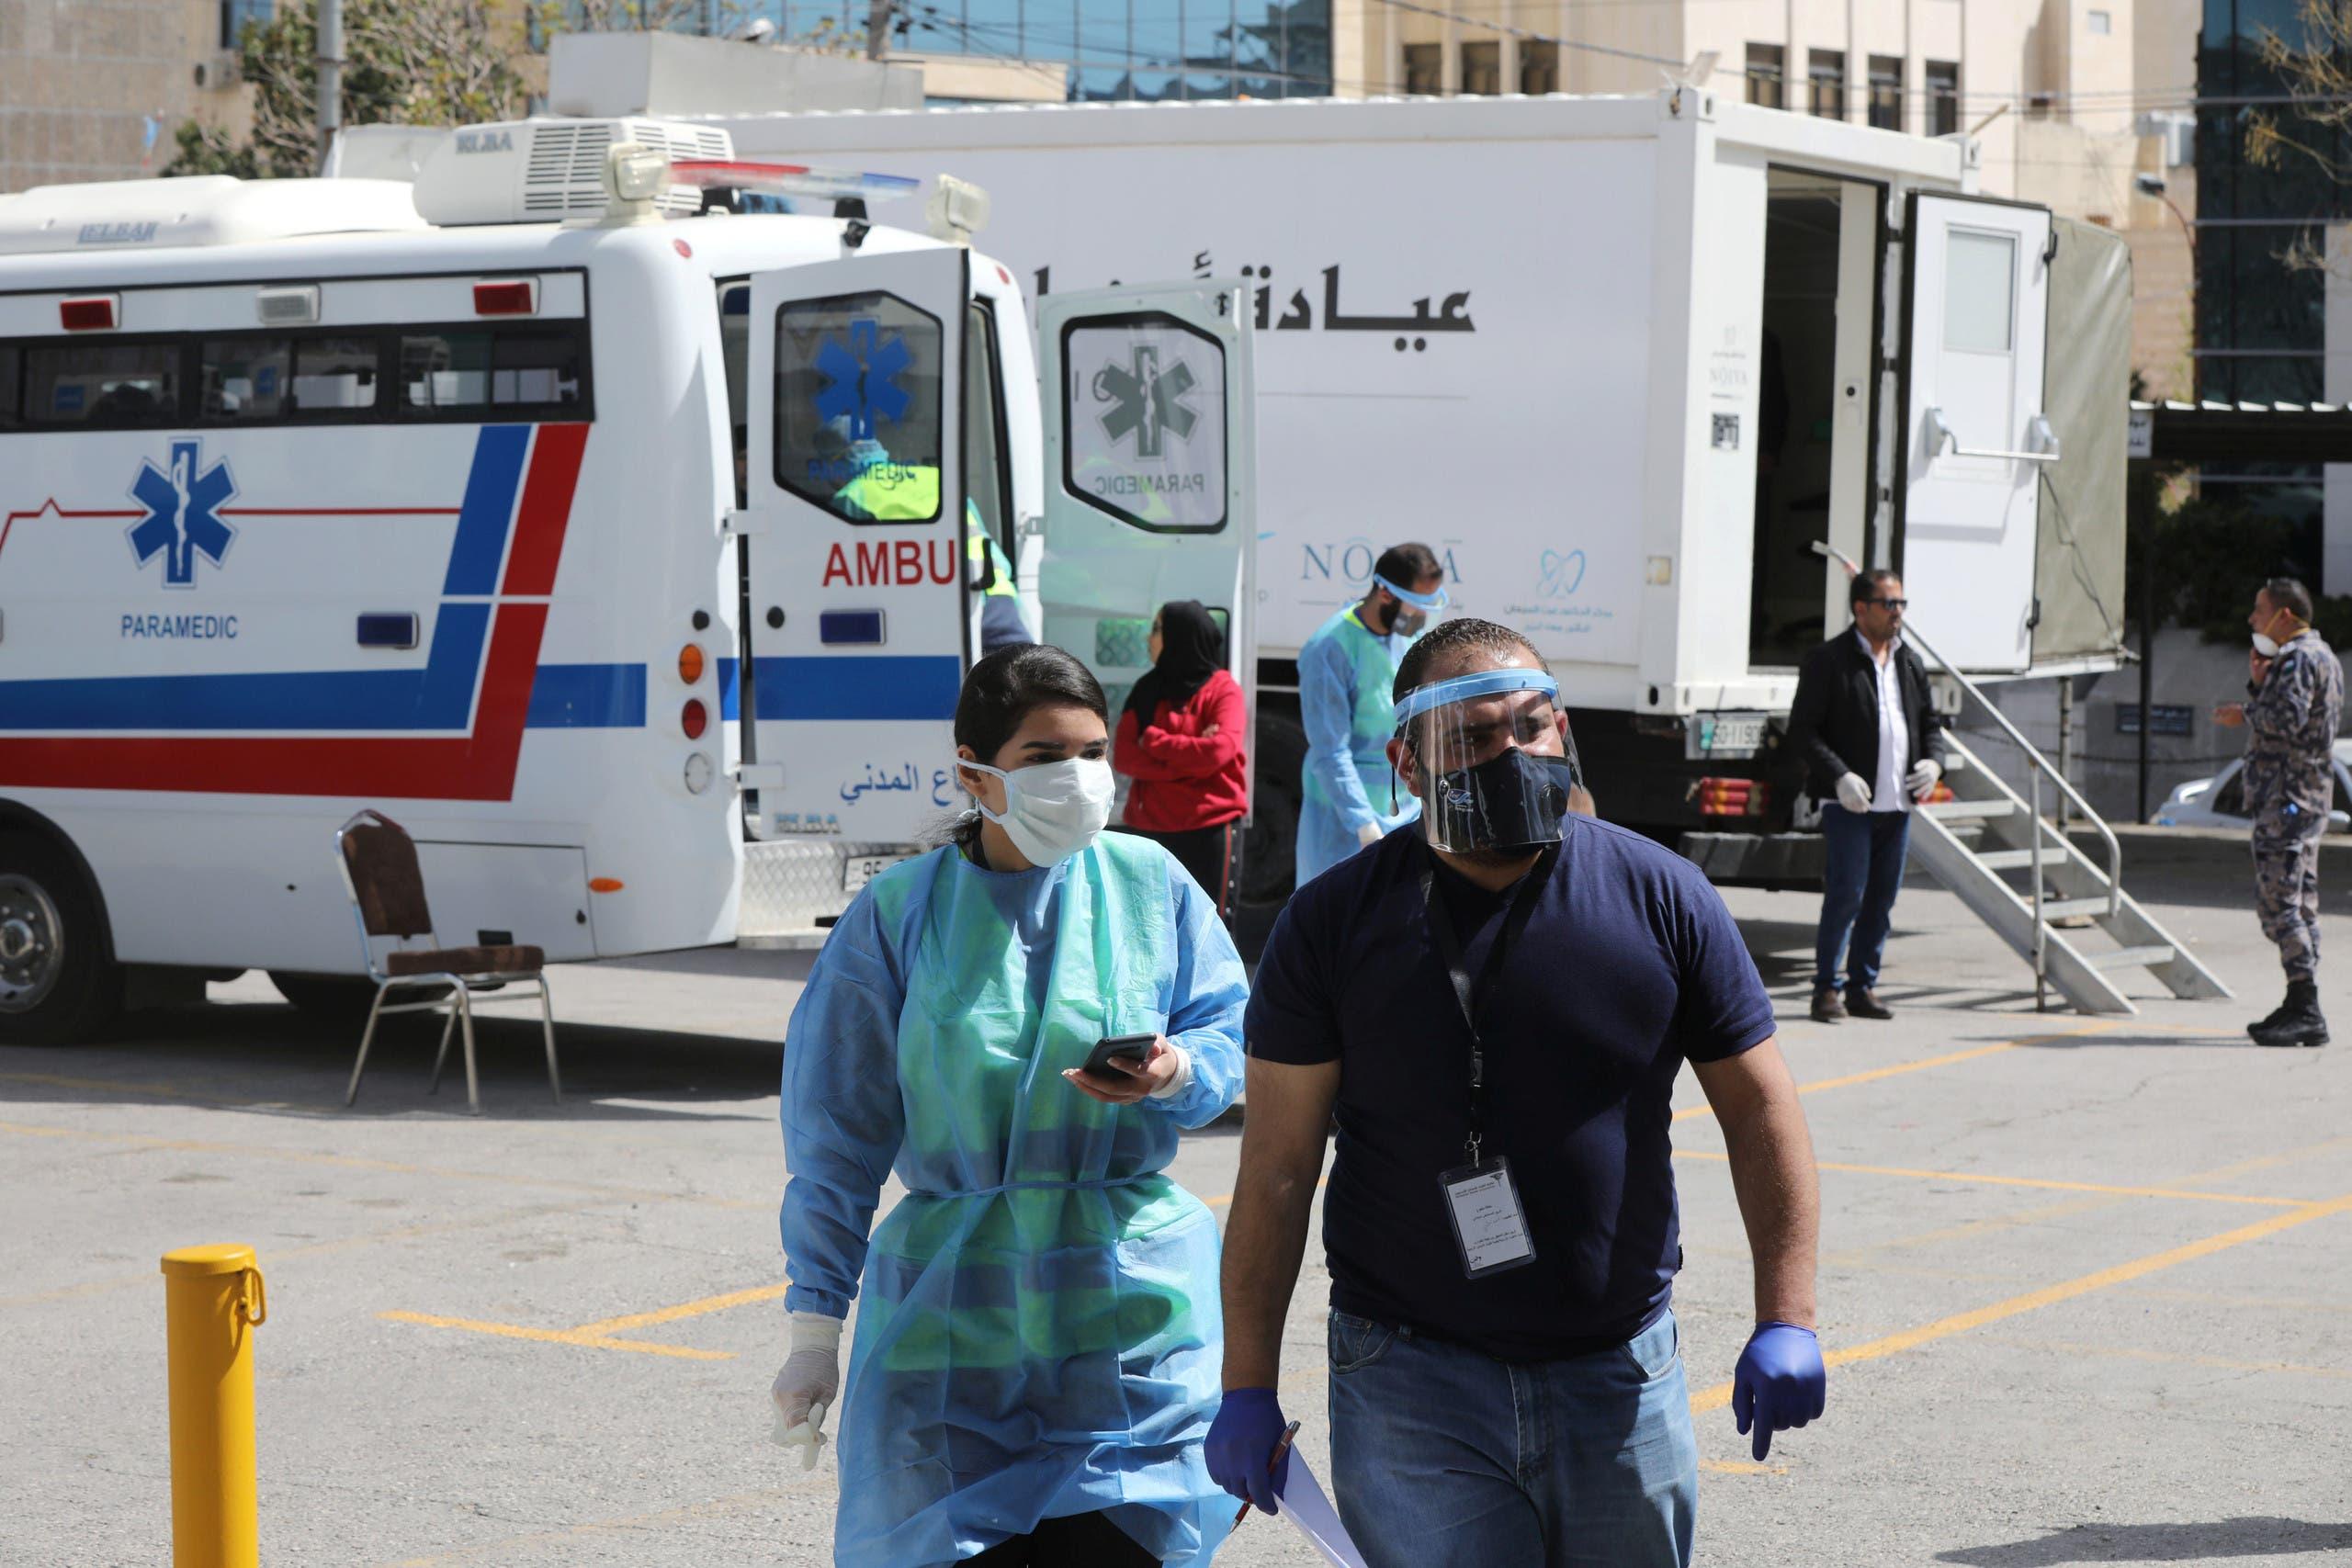 طبيبان أردنيان بالقرب من عيادة متنقلة في عمّان يوم 30 مارس (رويترز)